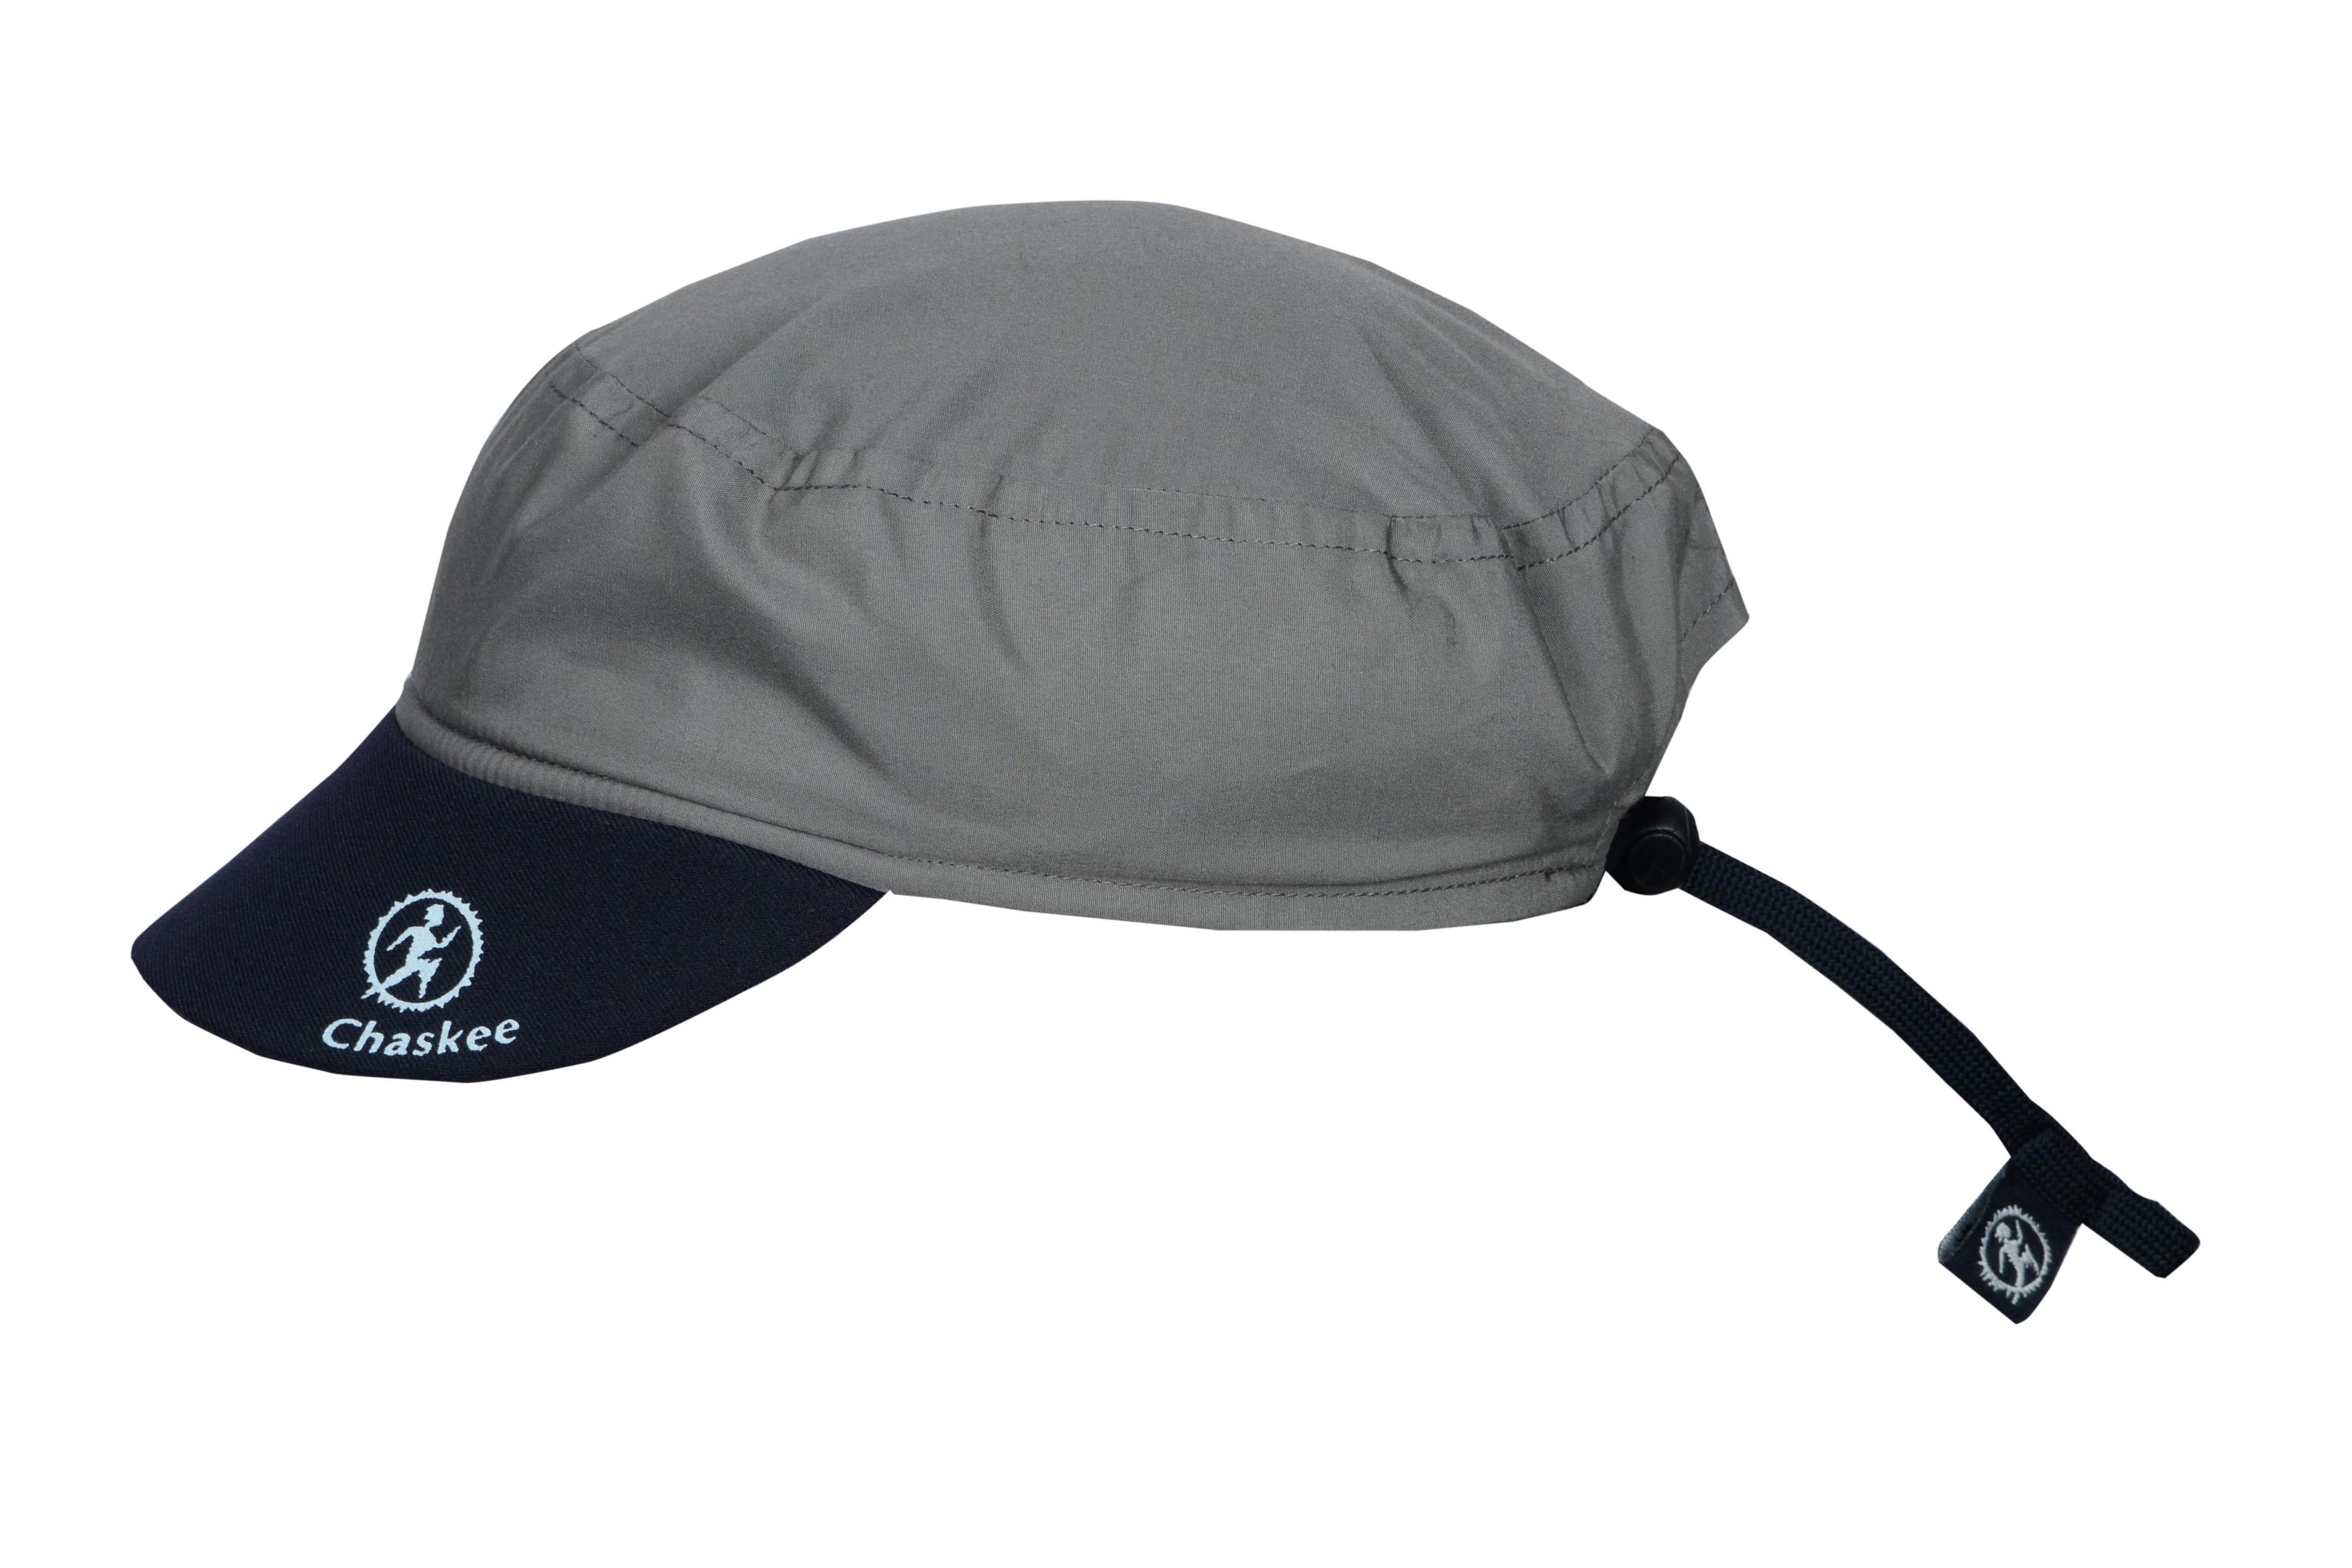 42ceb00d5b1 001 – Reversible Cap – MF – Chaskee Headwear Neoprene Visor